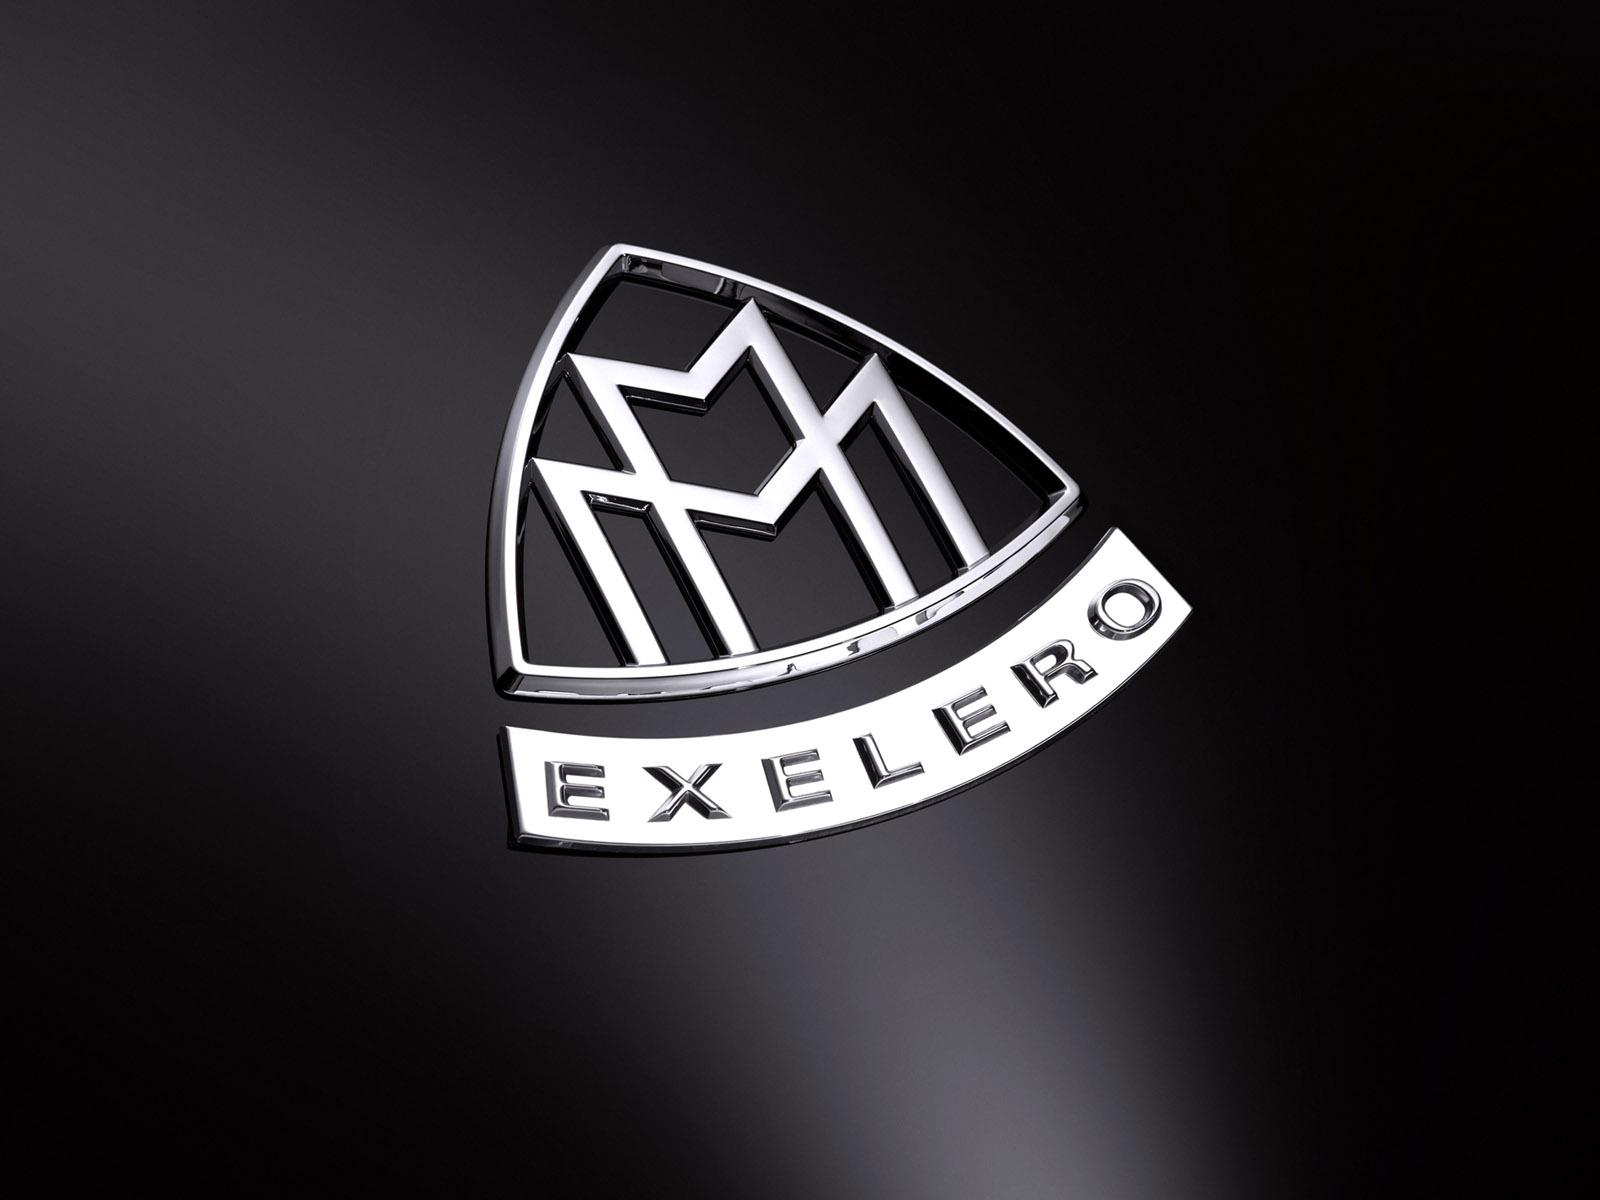 Maybach Logo Wallpaper 37134 1600x1200 px